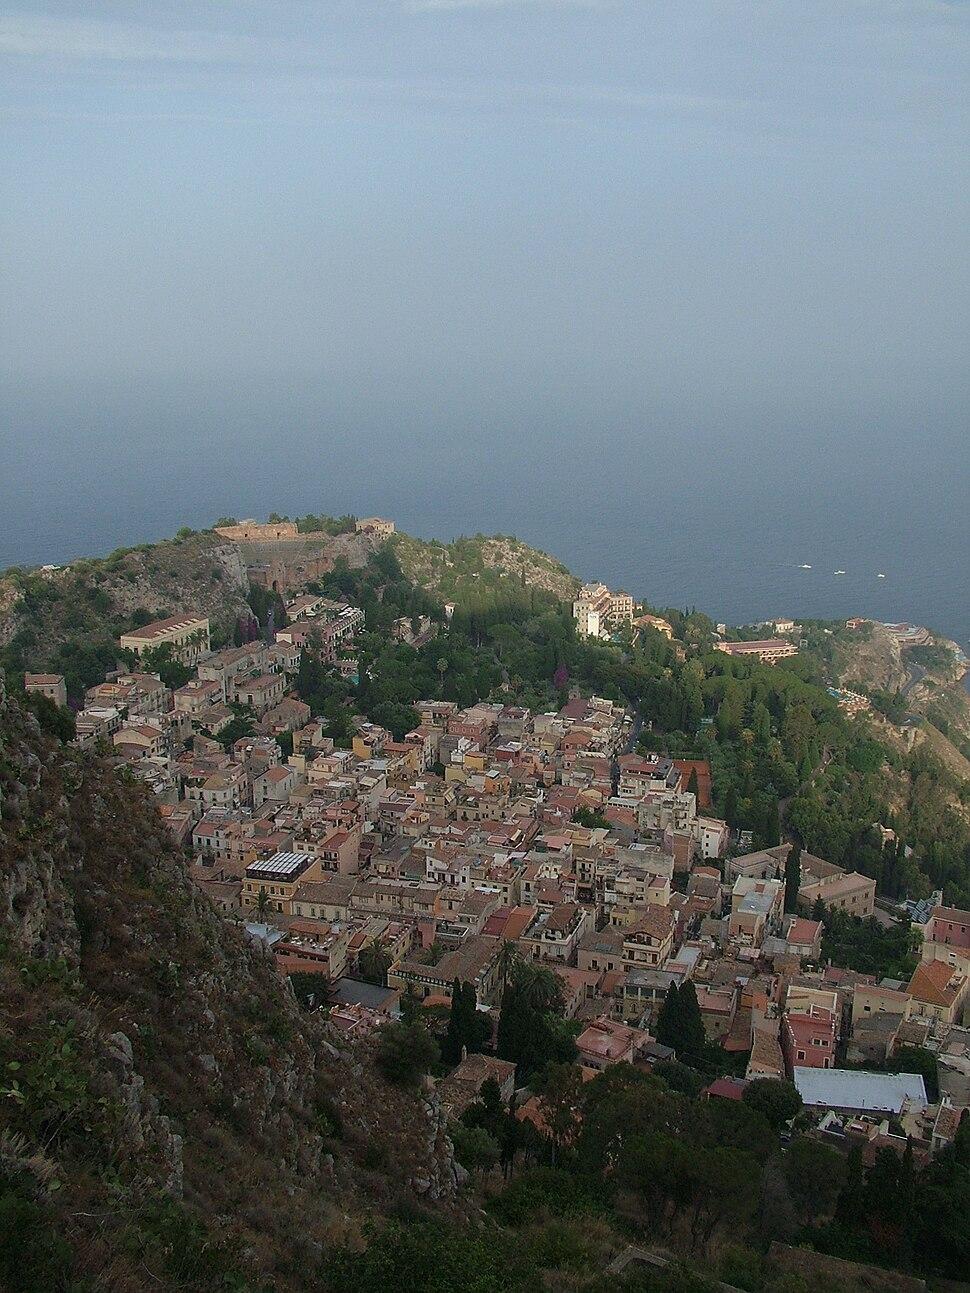 Aerial view of Taormina